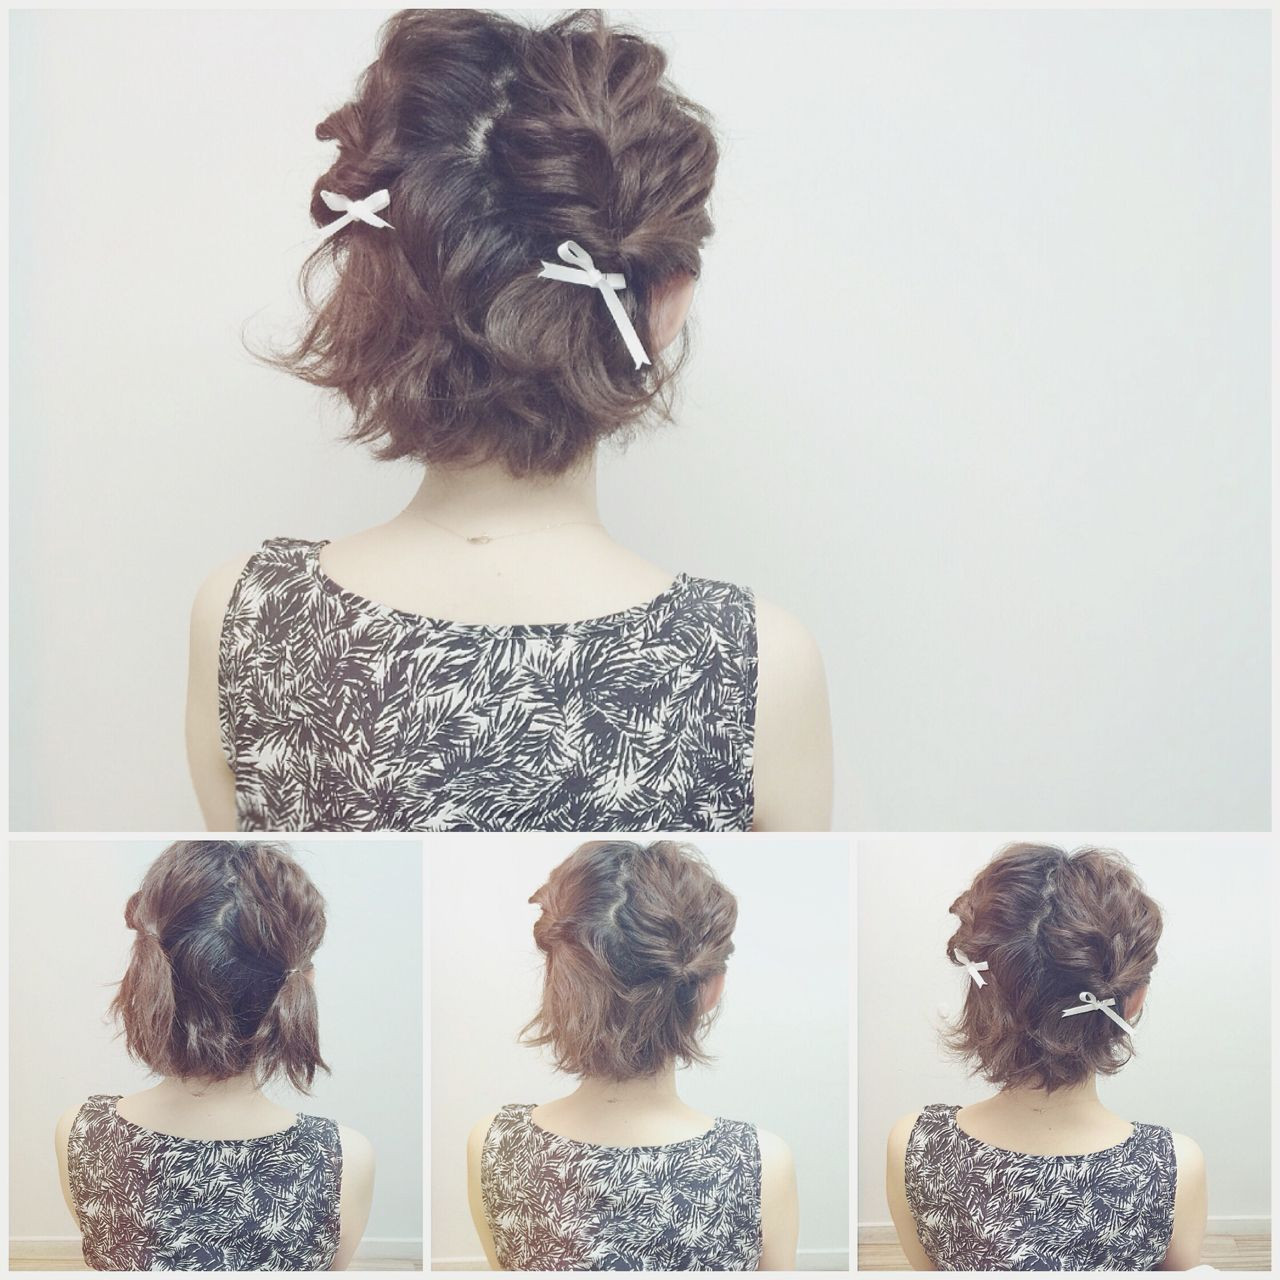 ナチュラル アップスタイル ヘアアレンジ ヘアスタイルや髪型の写真・画像